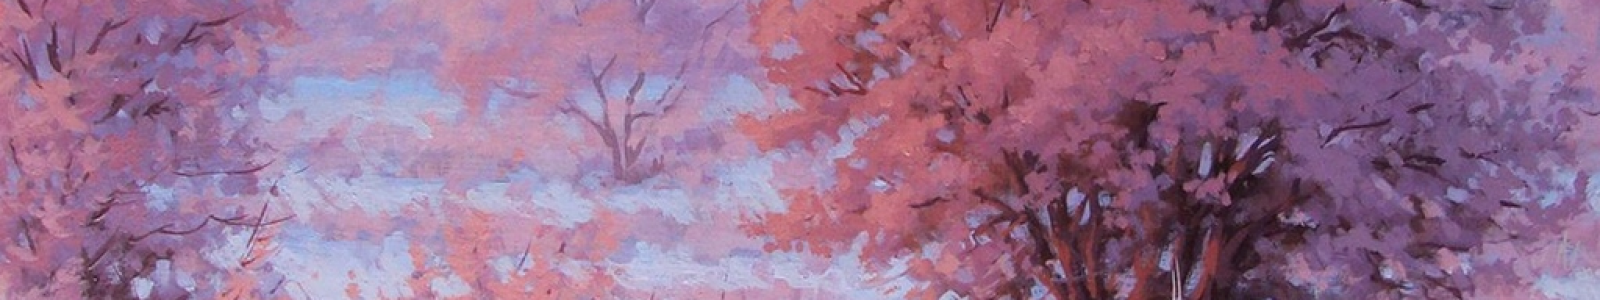 Gallery Painter Karyna Alexandrova